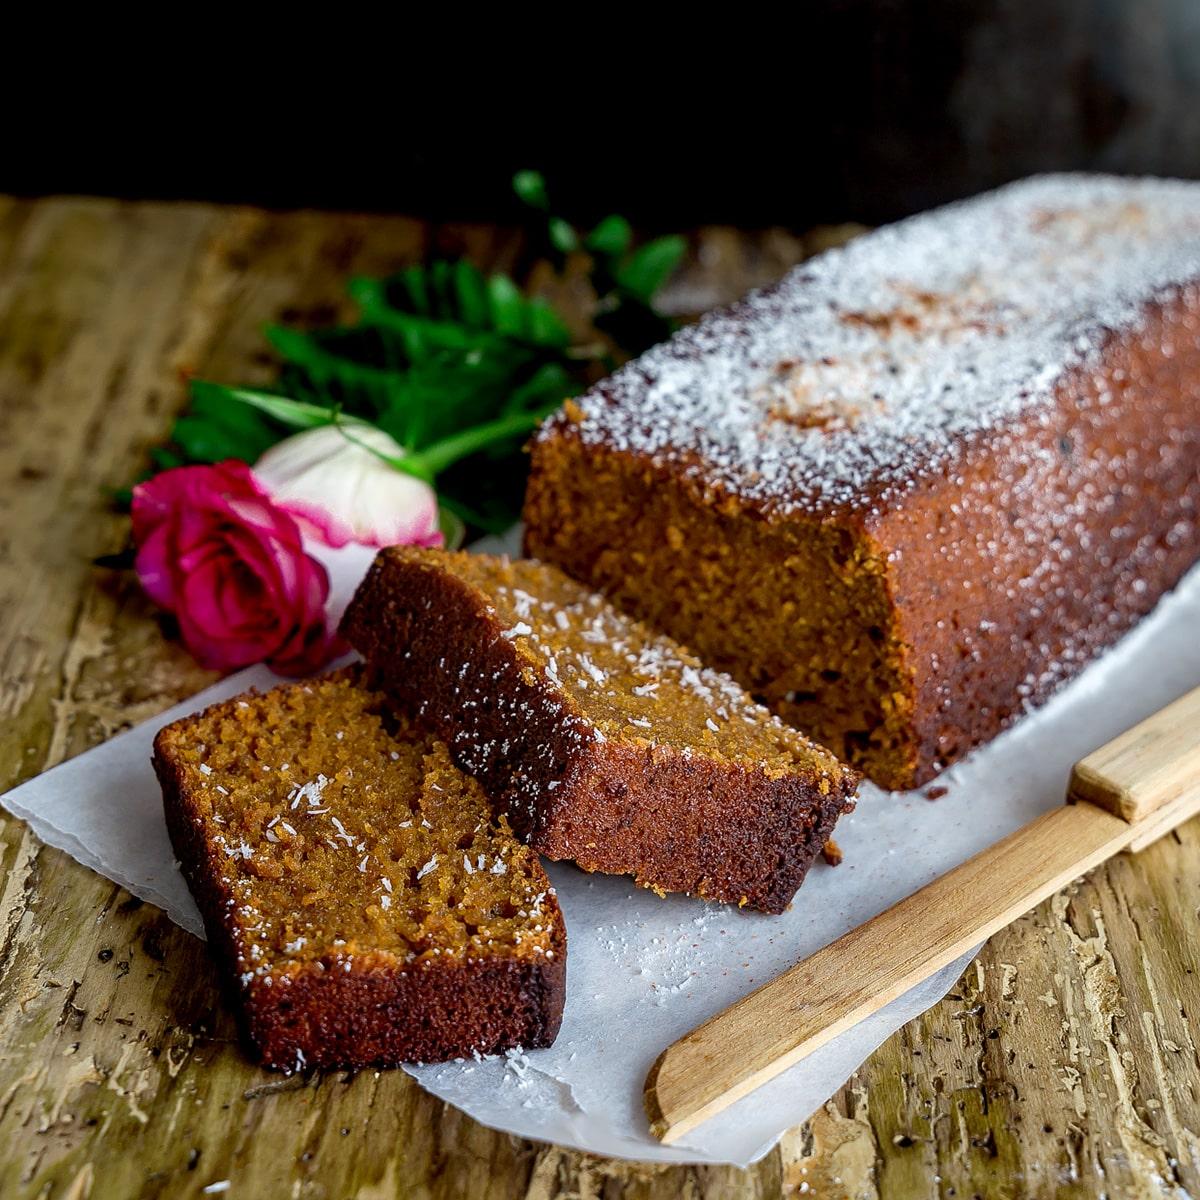 plumcake-alla-polvere-di-bacche-di-goji-latte-yogurt-di-cocco-superfood-ricetta-superfood-torta-contemporaneo-food